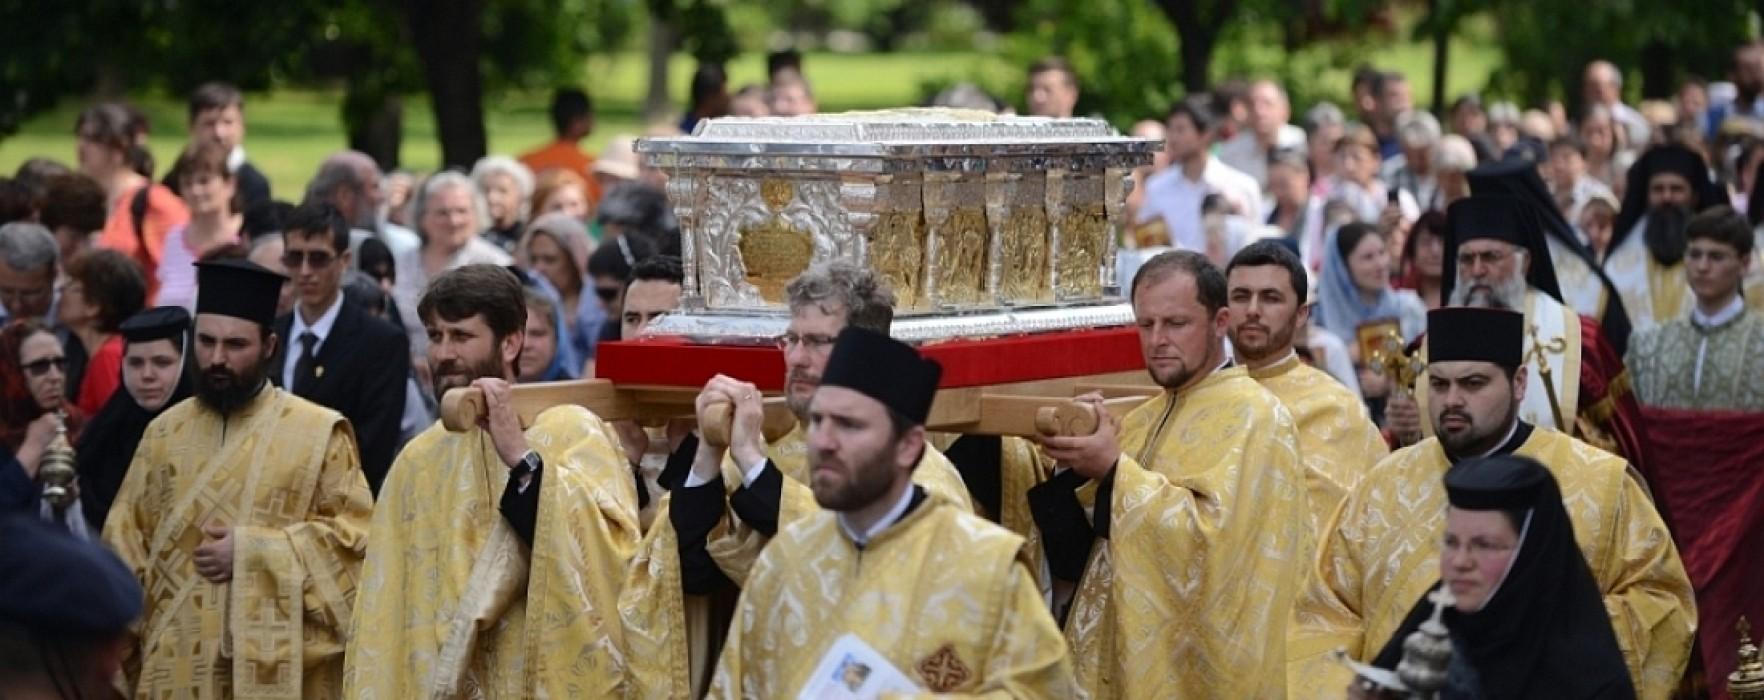 Pelerinaj la moaştele lui Constantin Brâncoveanu, la Potlogi pe 9 iunie